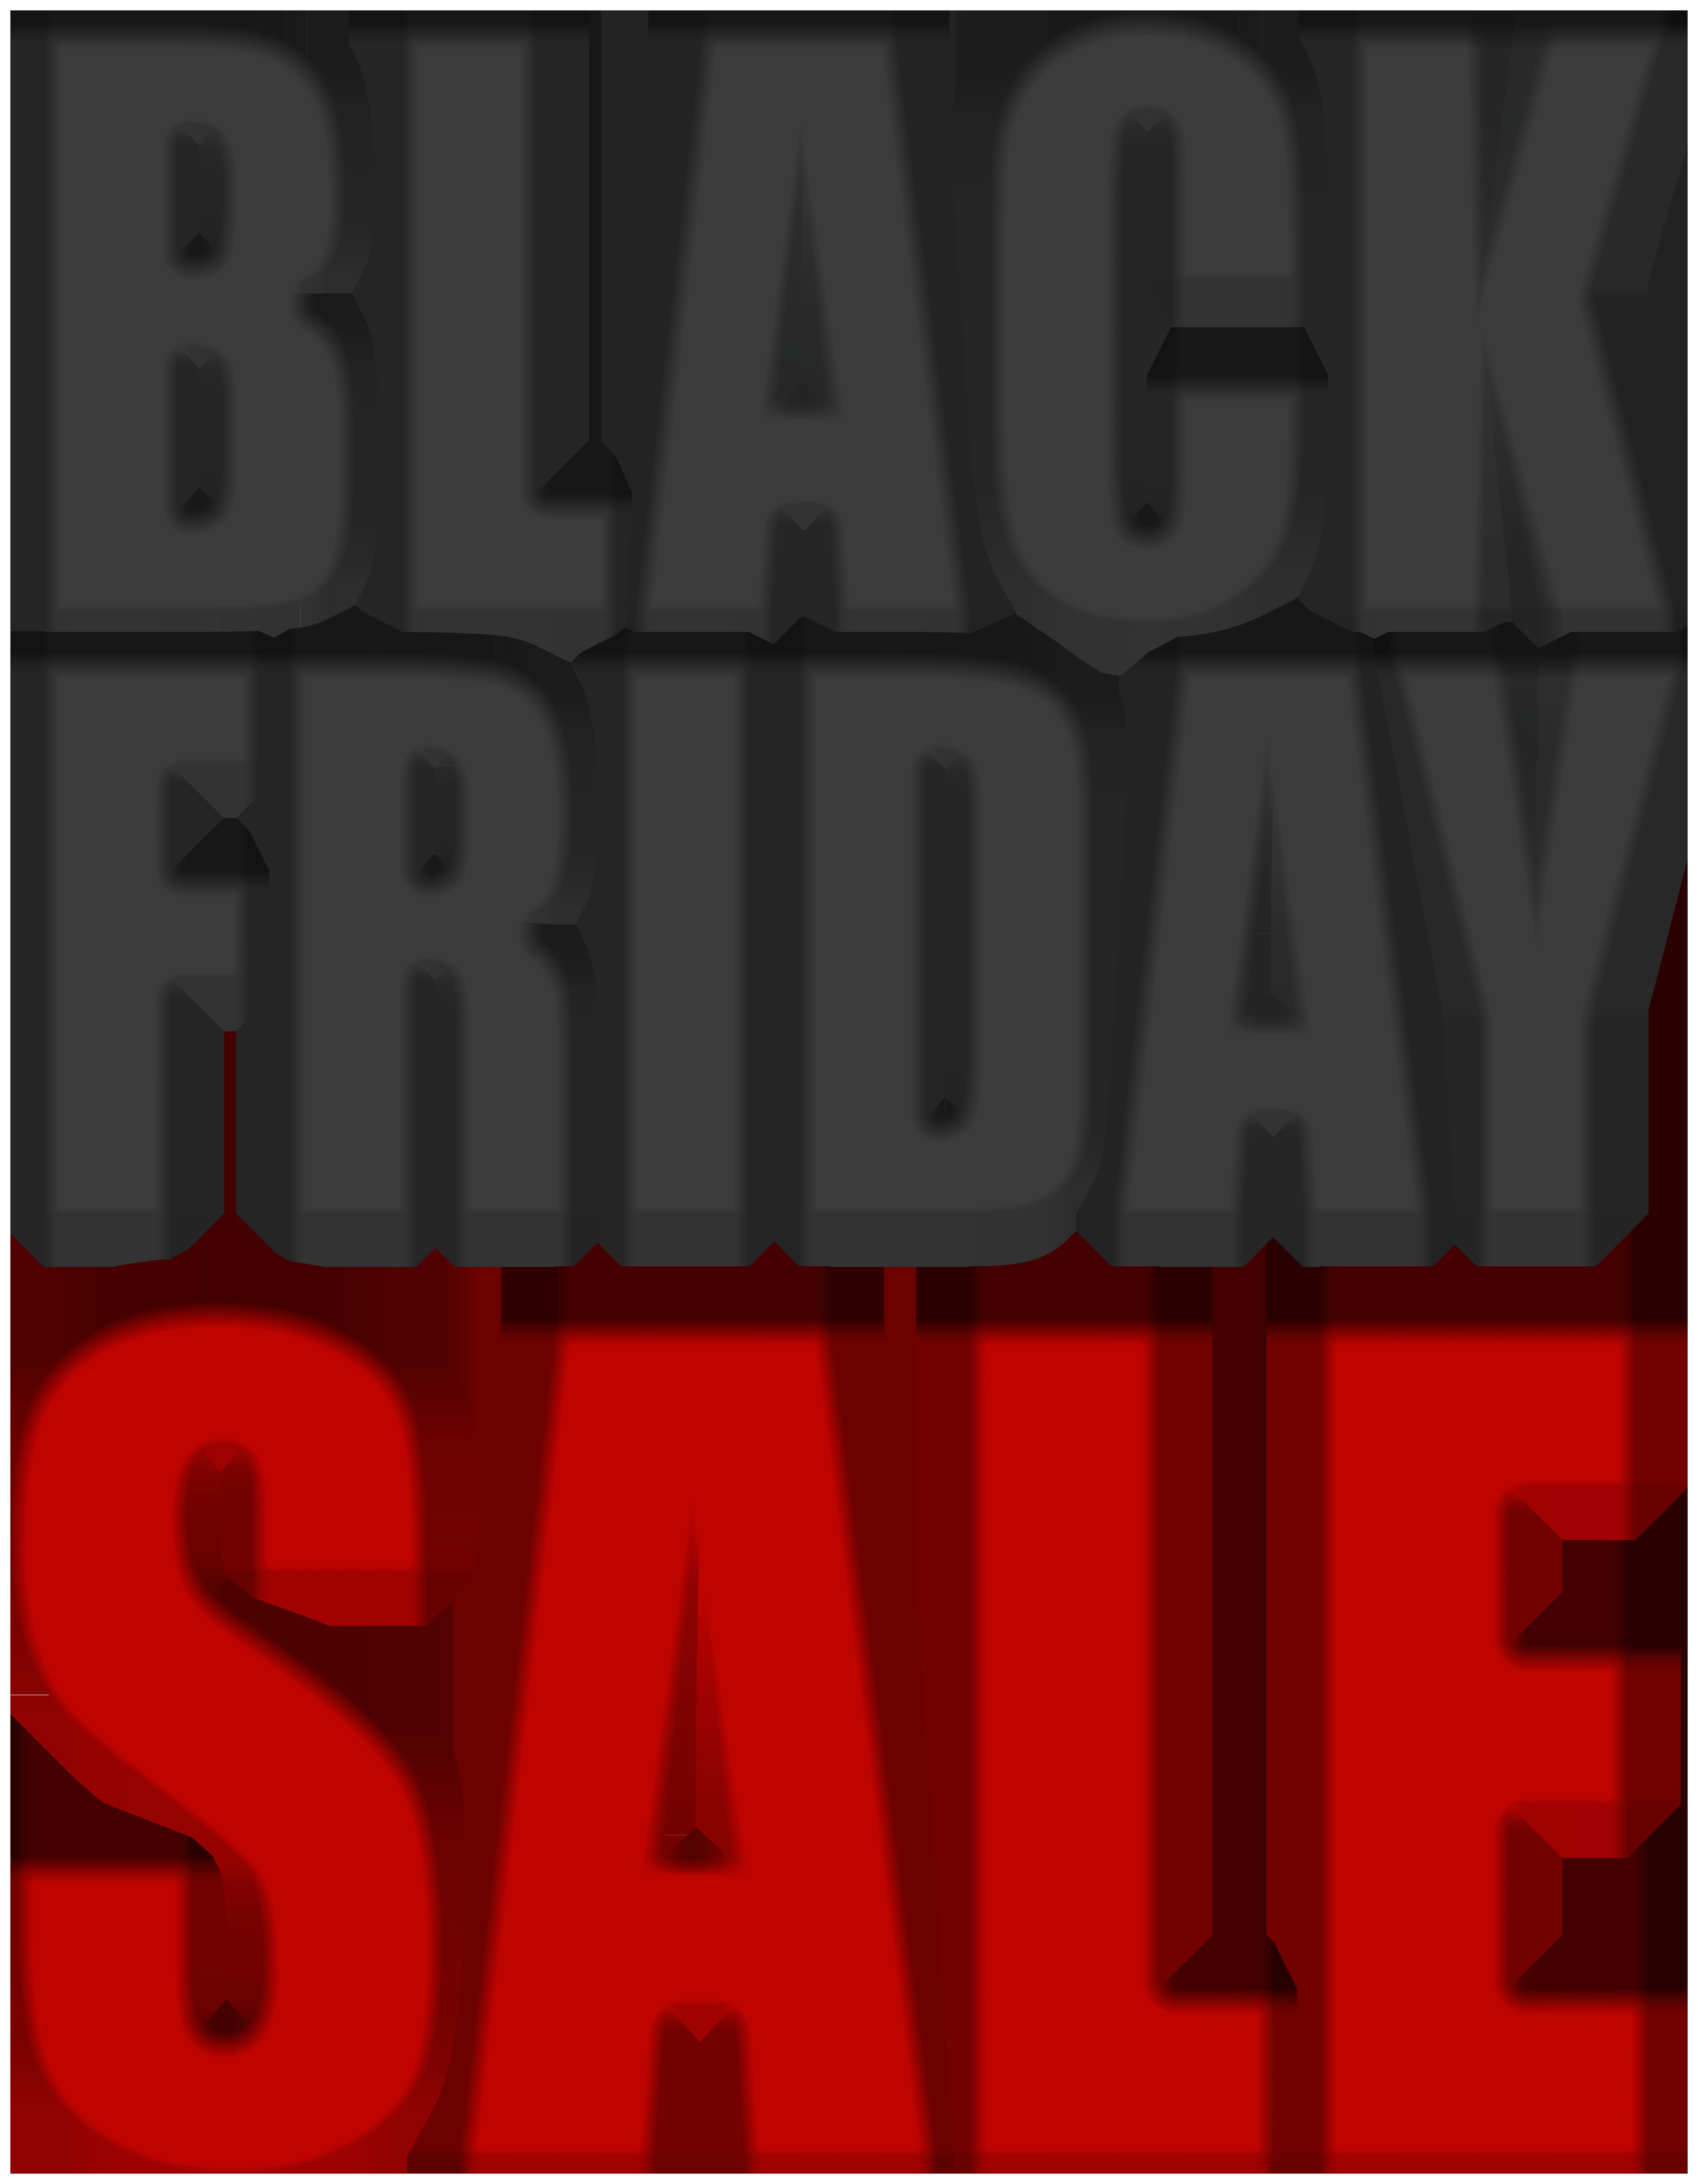 Black Friday Sale PNG Clip Art Image.